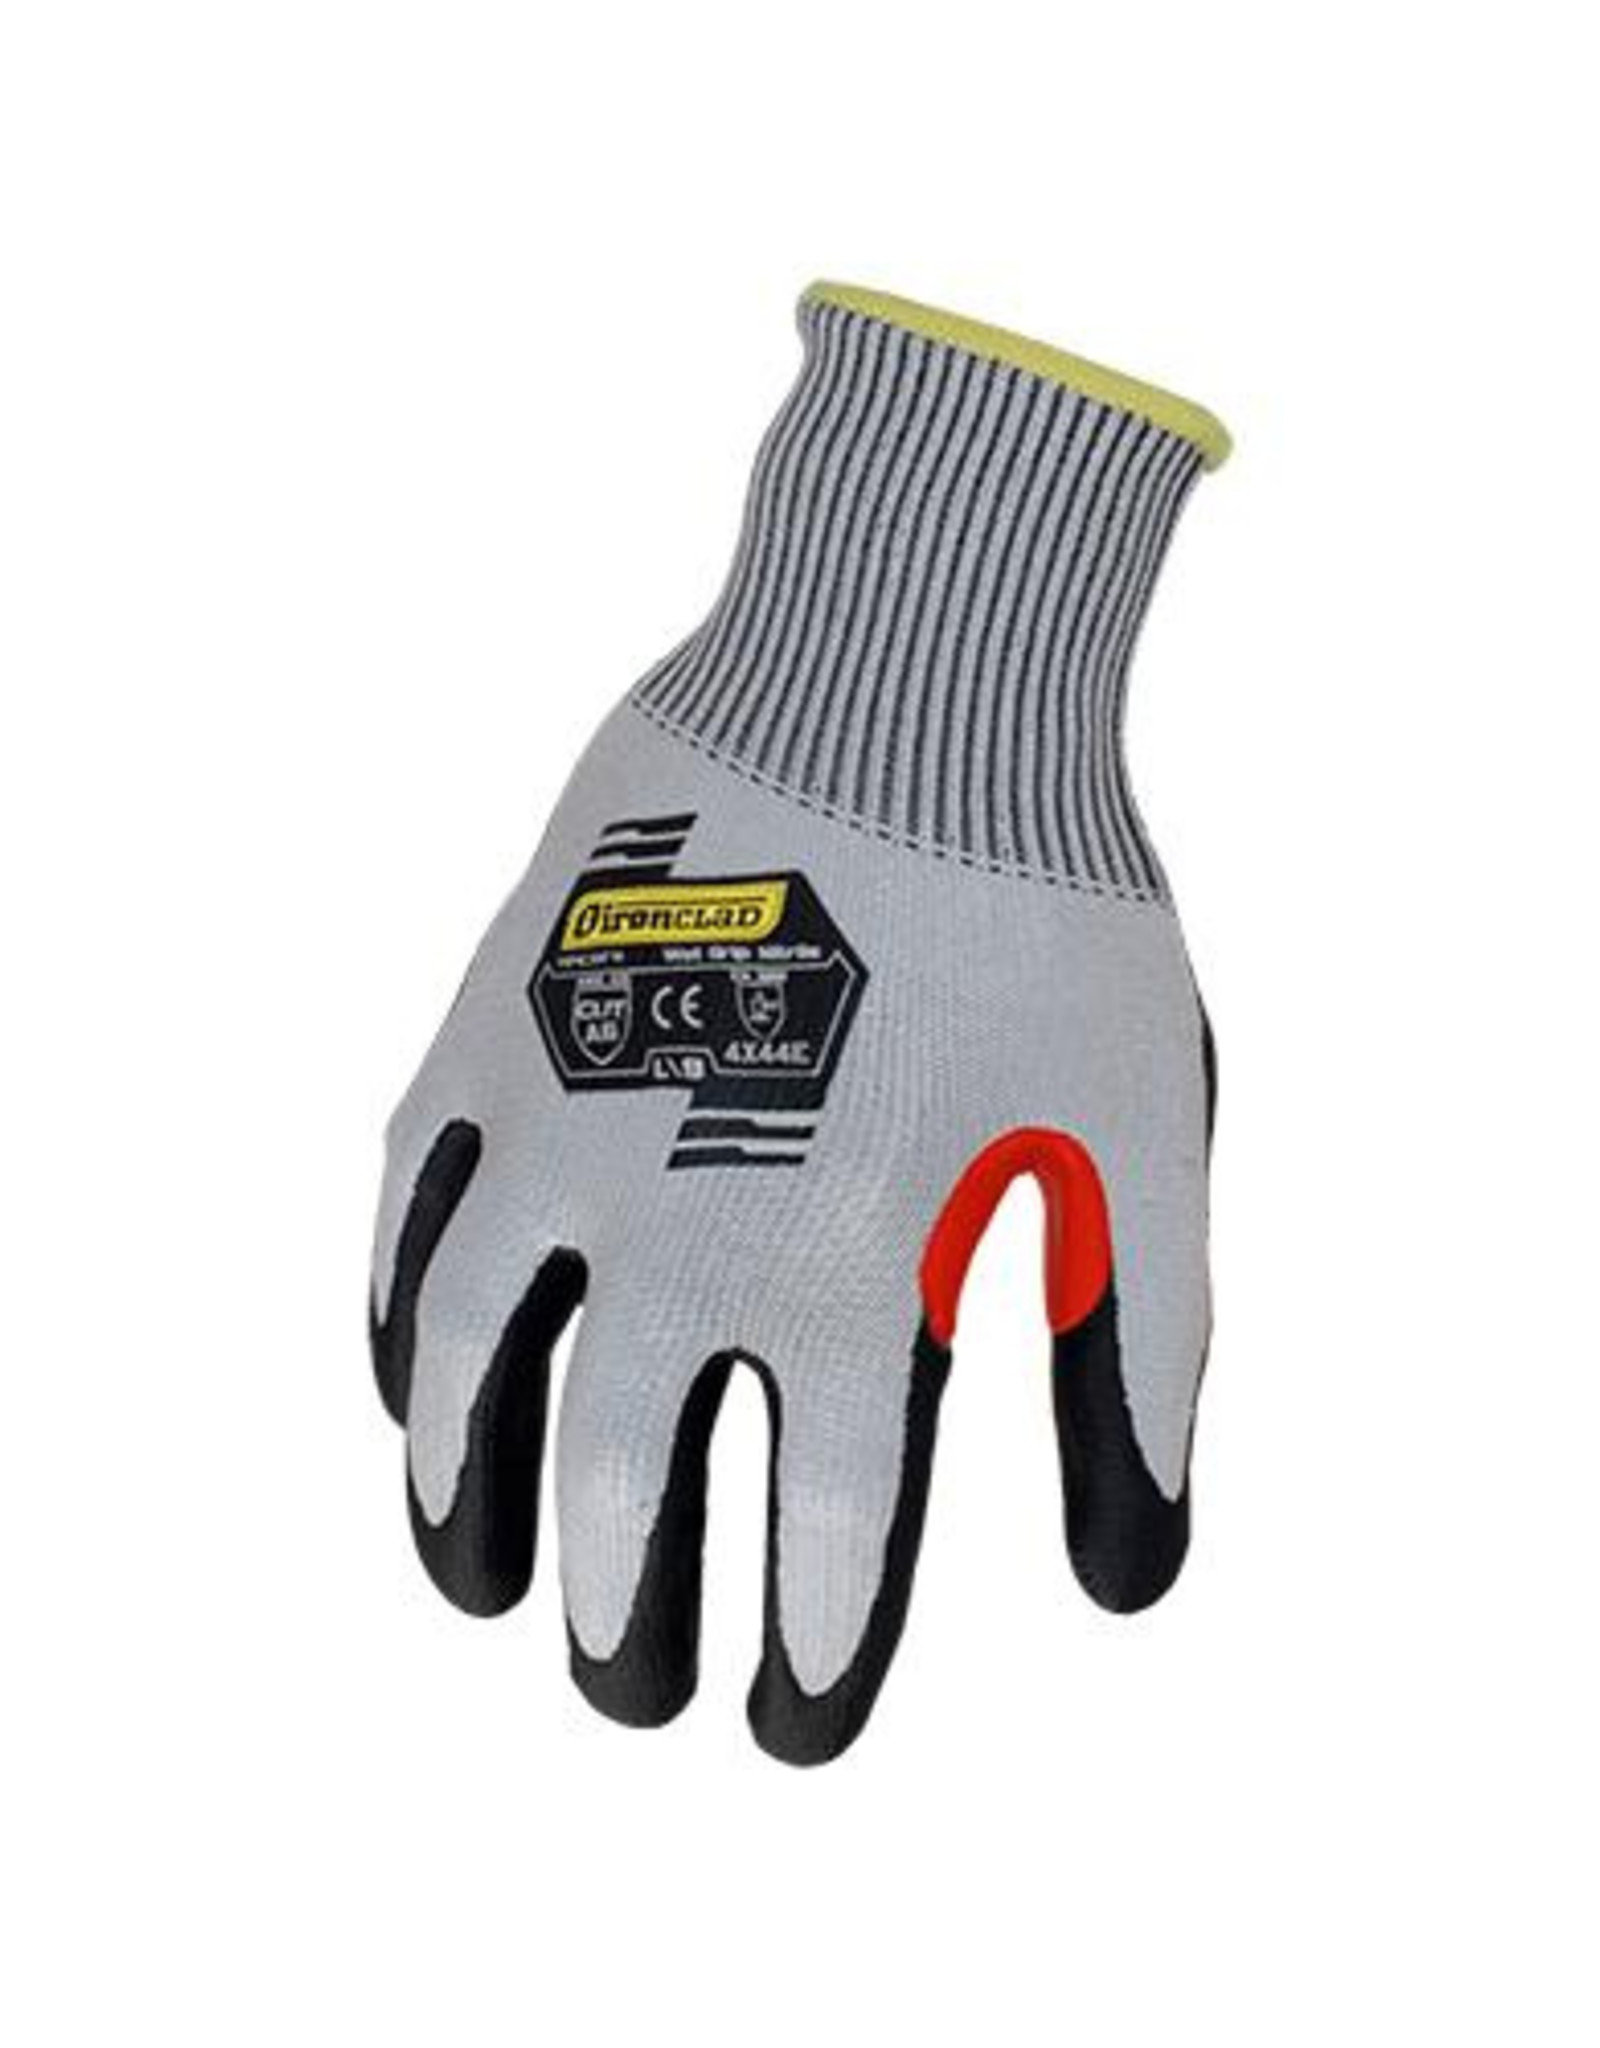 Ironclad Cut Resistant Coated Gloves, A6 Cut Level, Nitrile, SZ. L